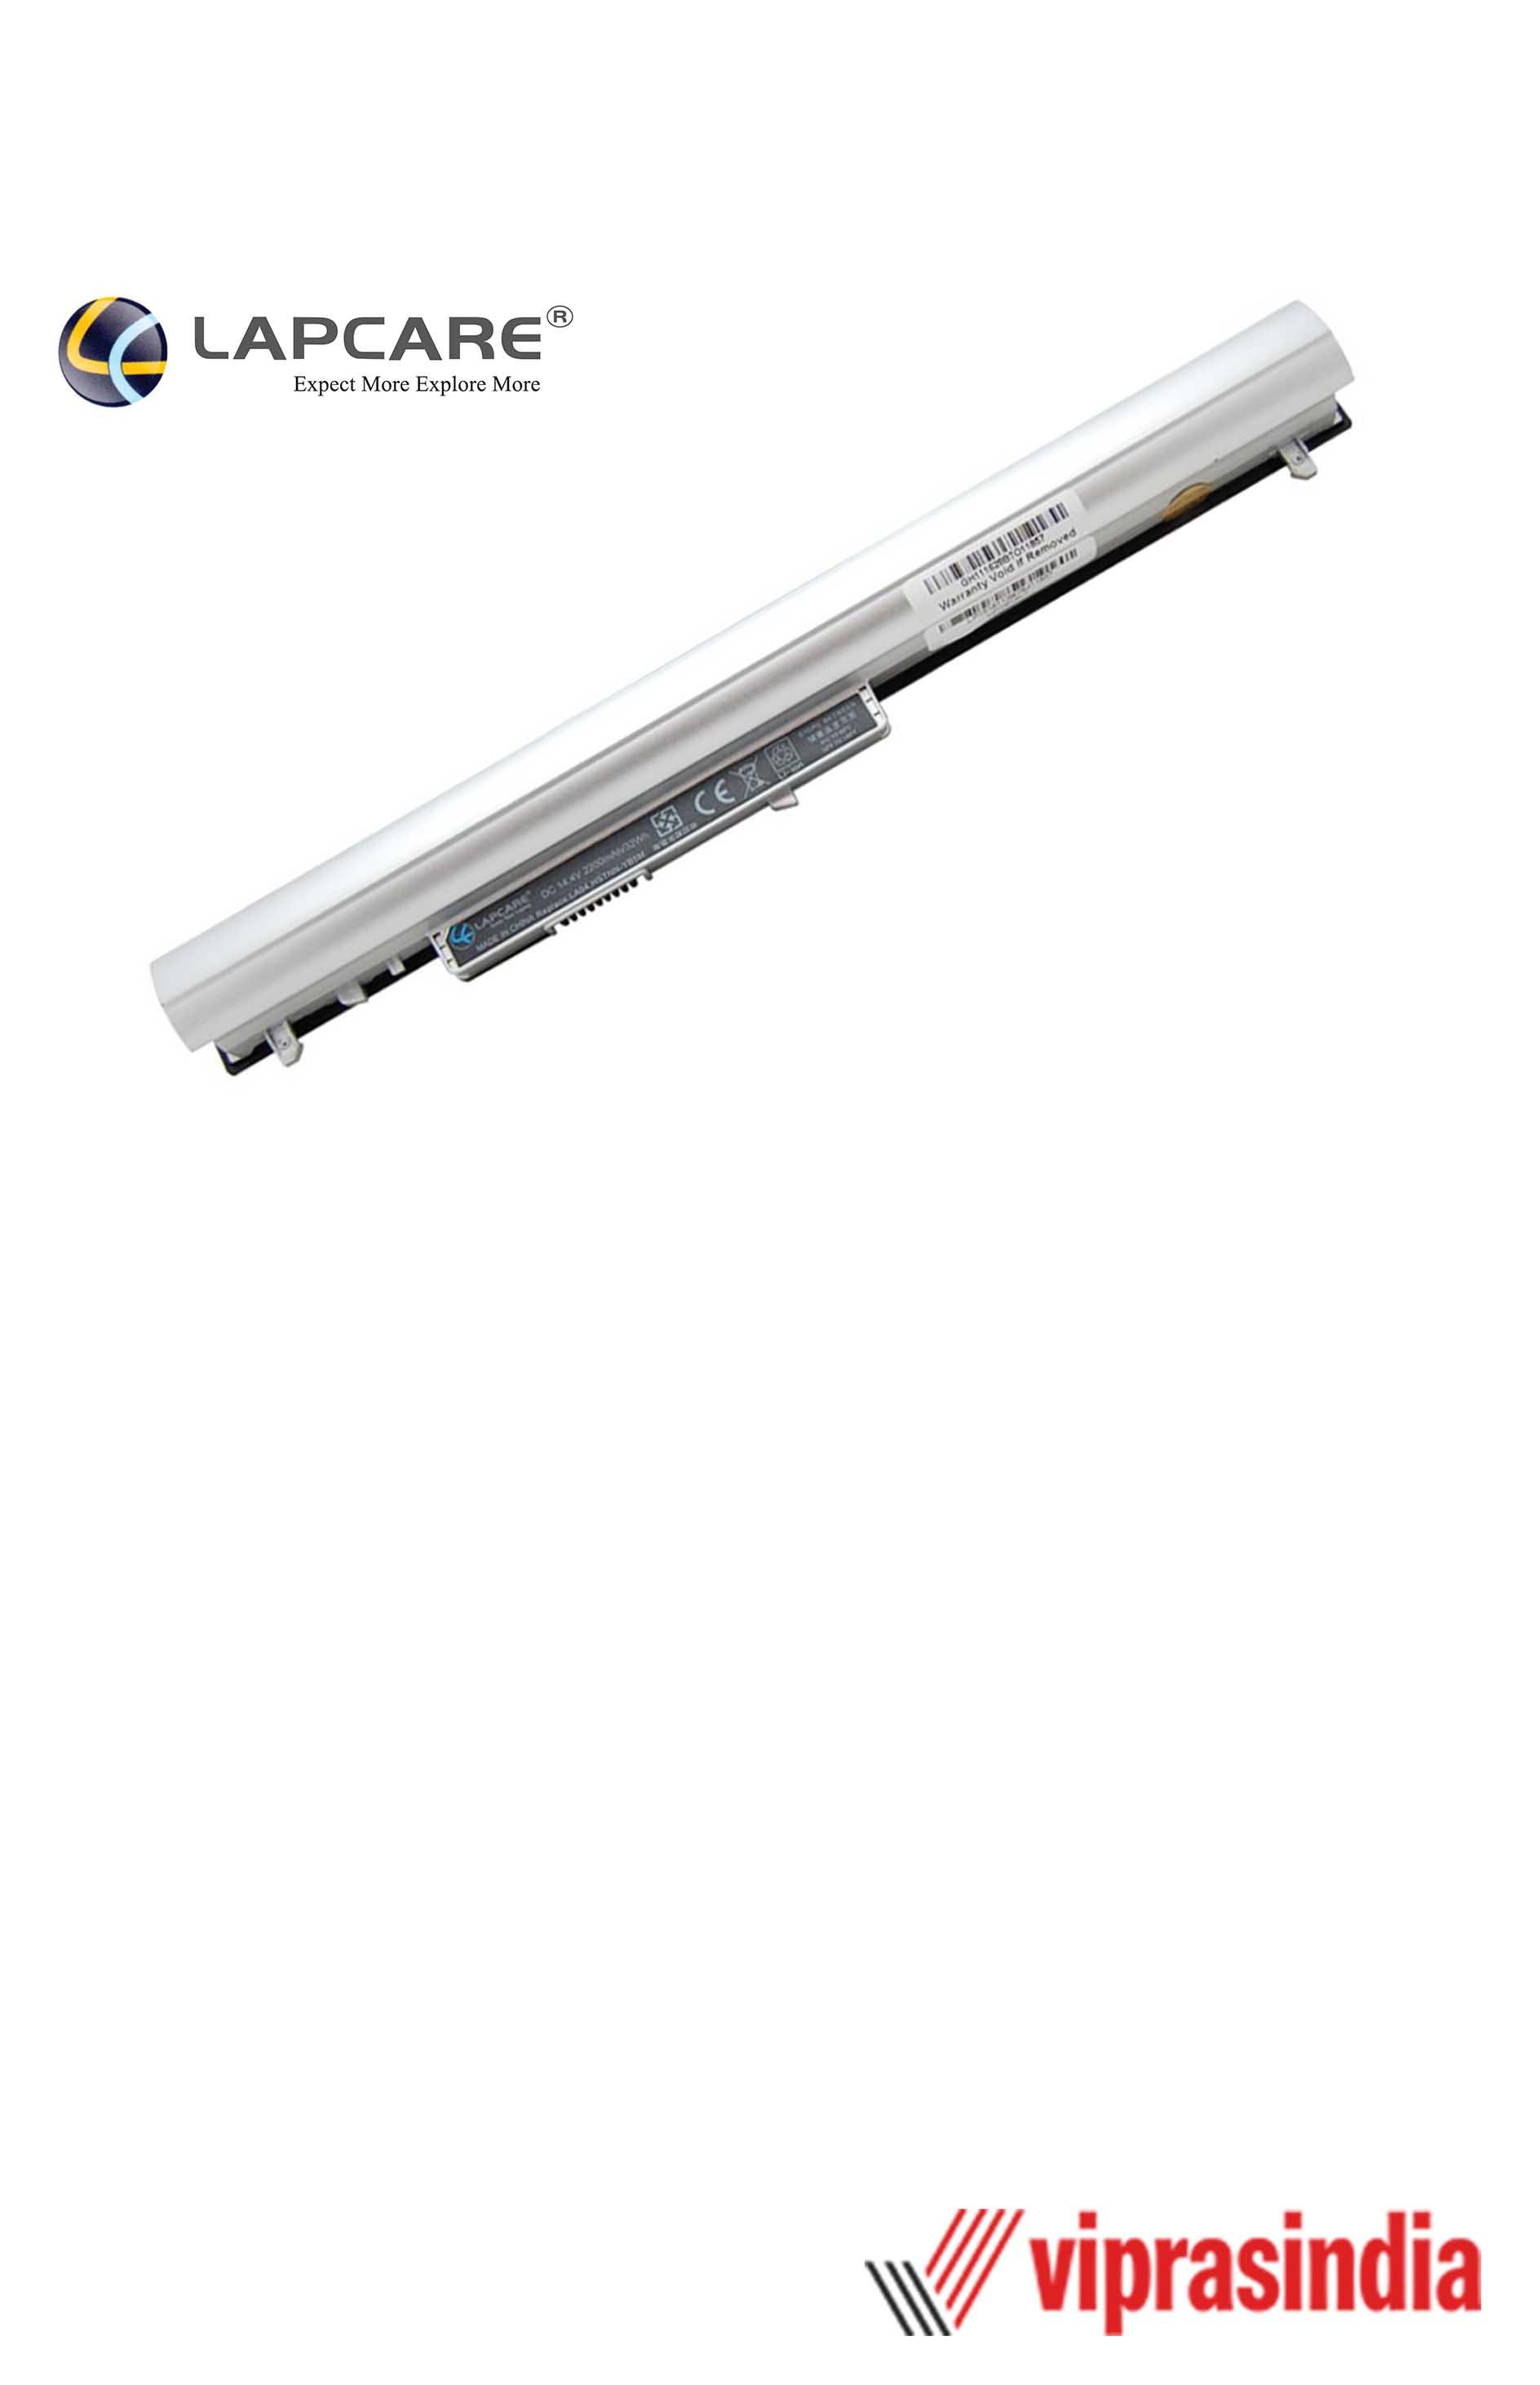 Laptop Battery Lapcare Compatible For HP LA04 4C